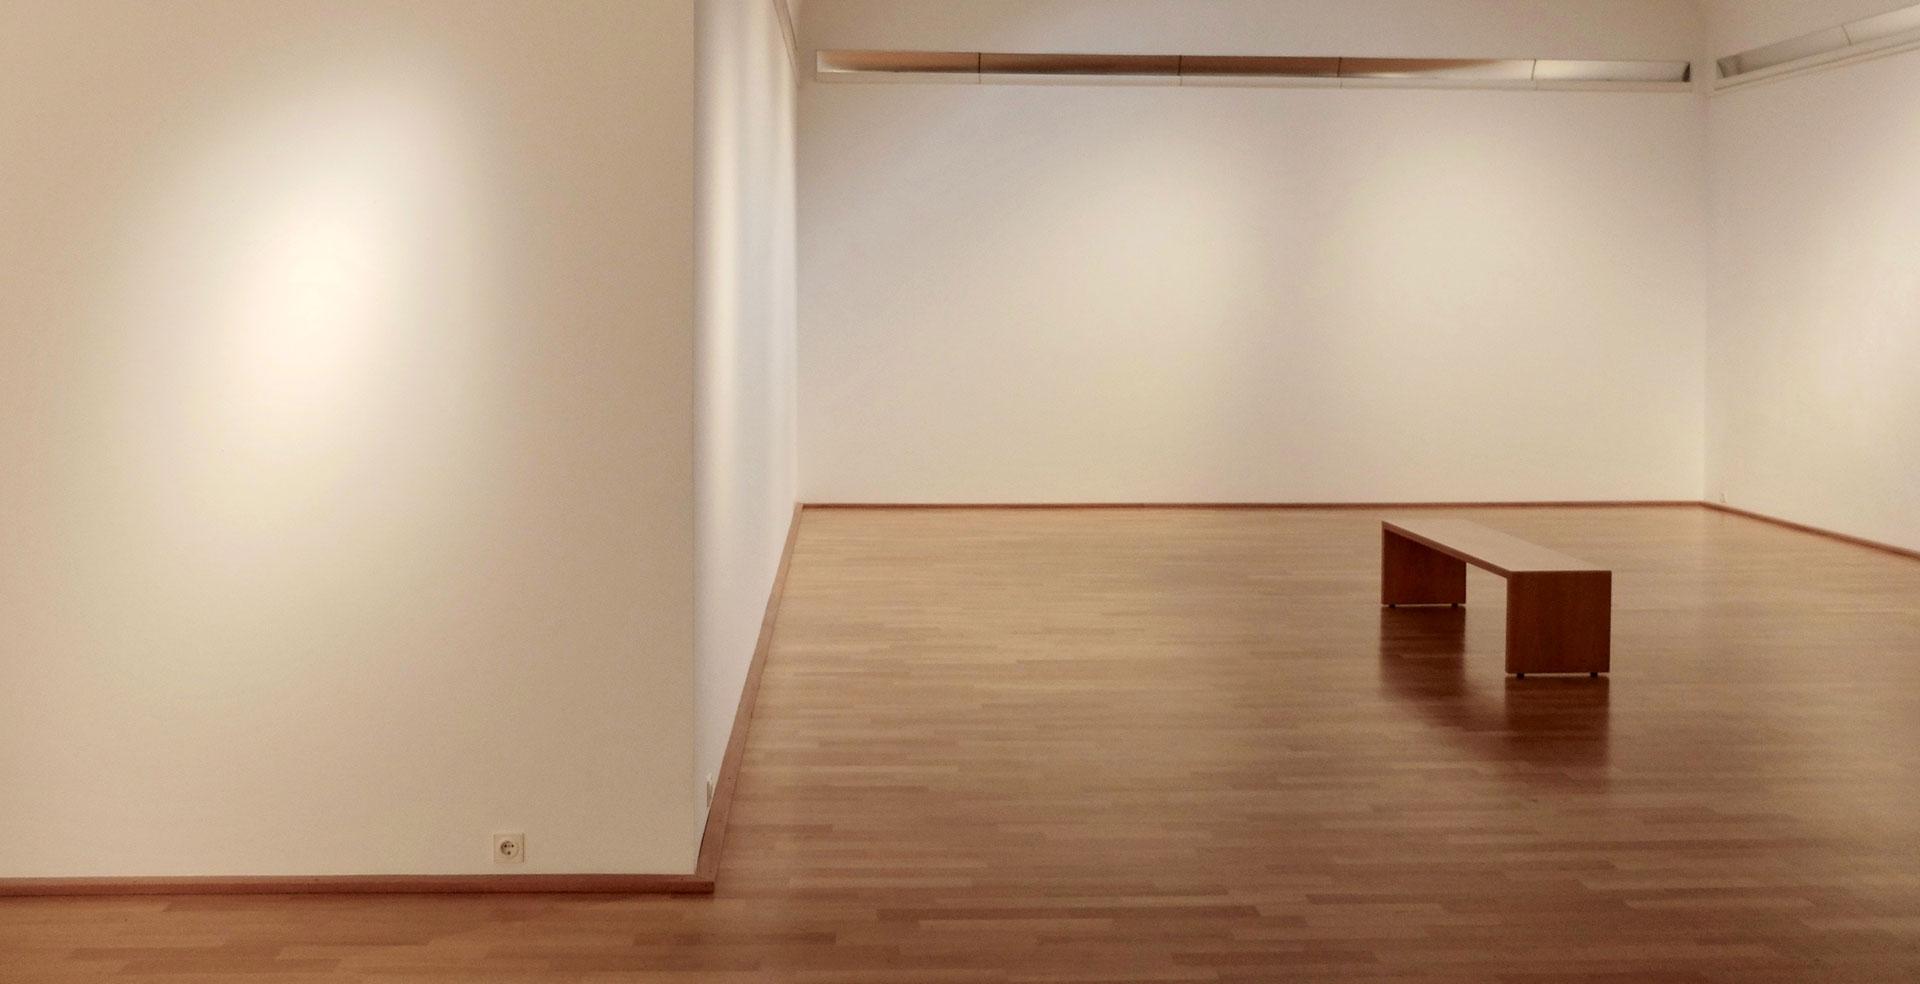 Kunstmuseum Ahlen | Ausstellungsraum | 1. OG Neubau